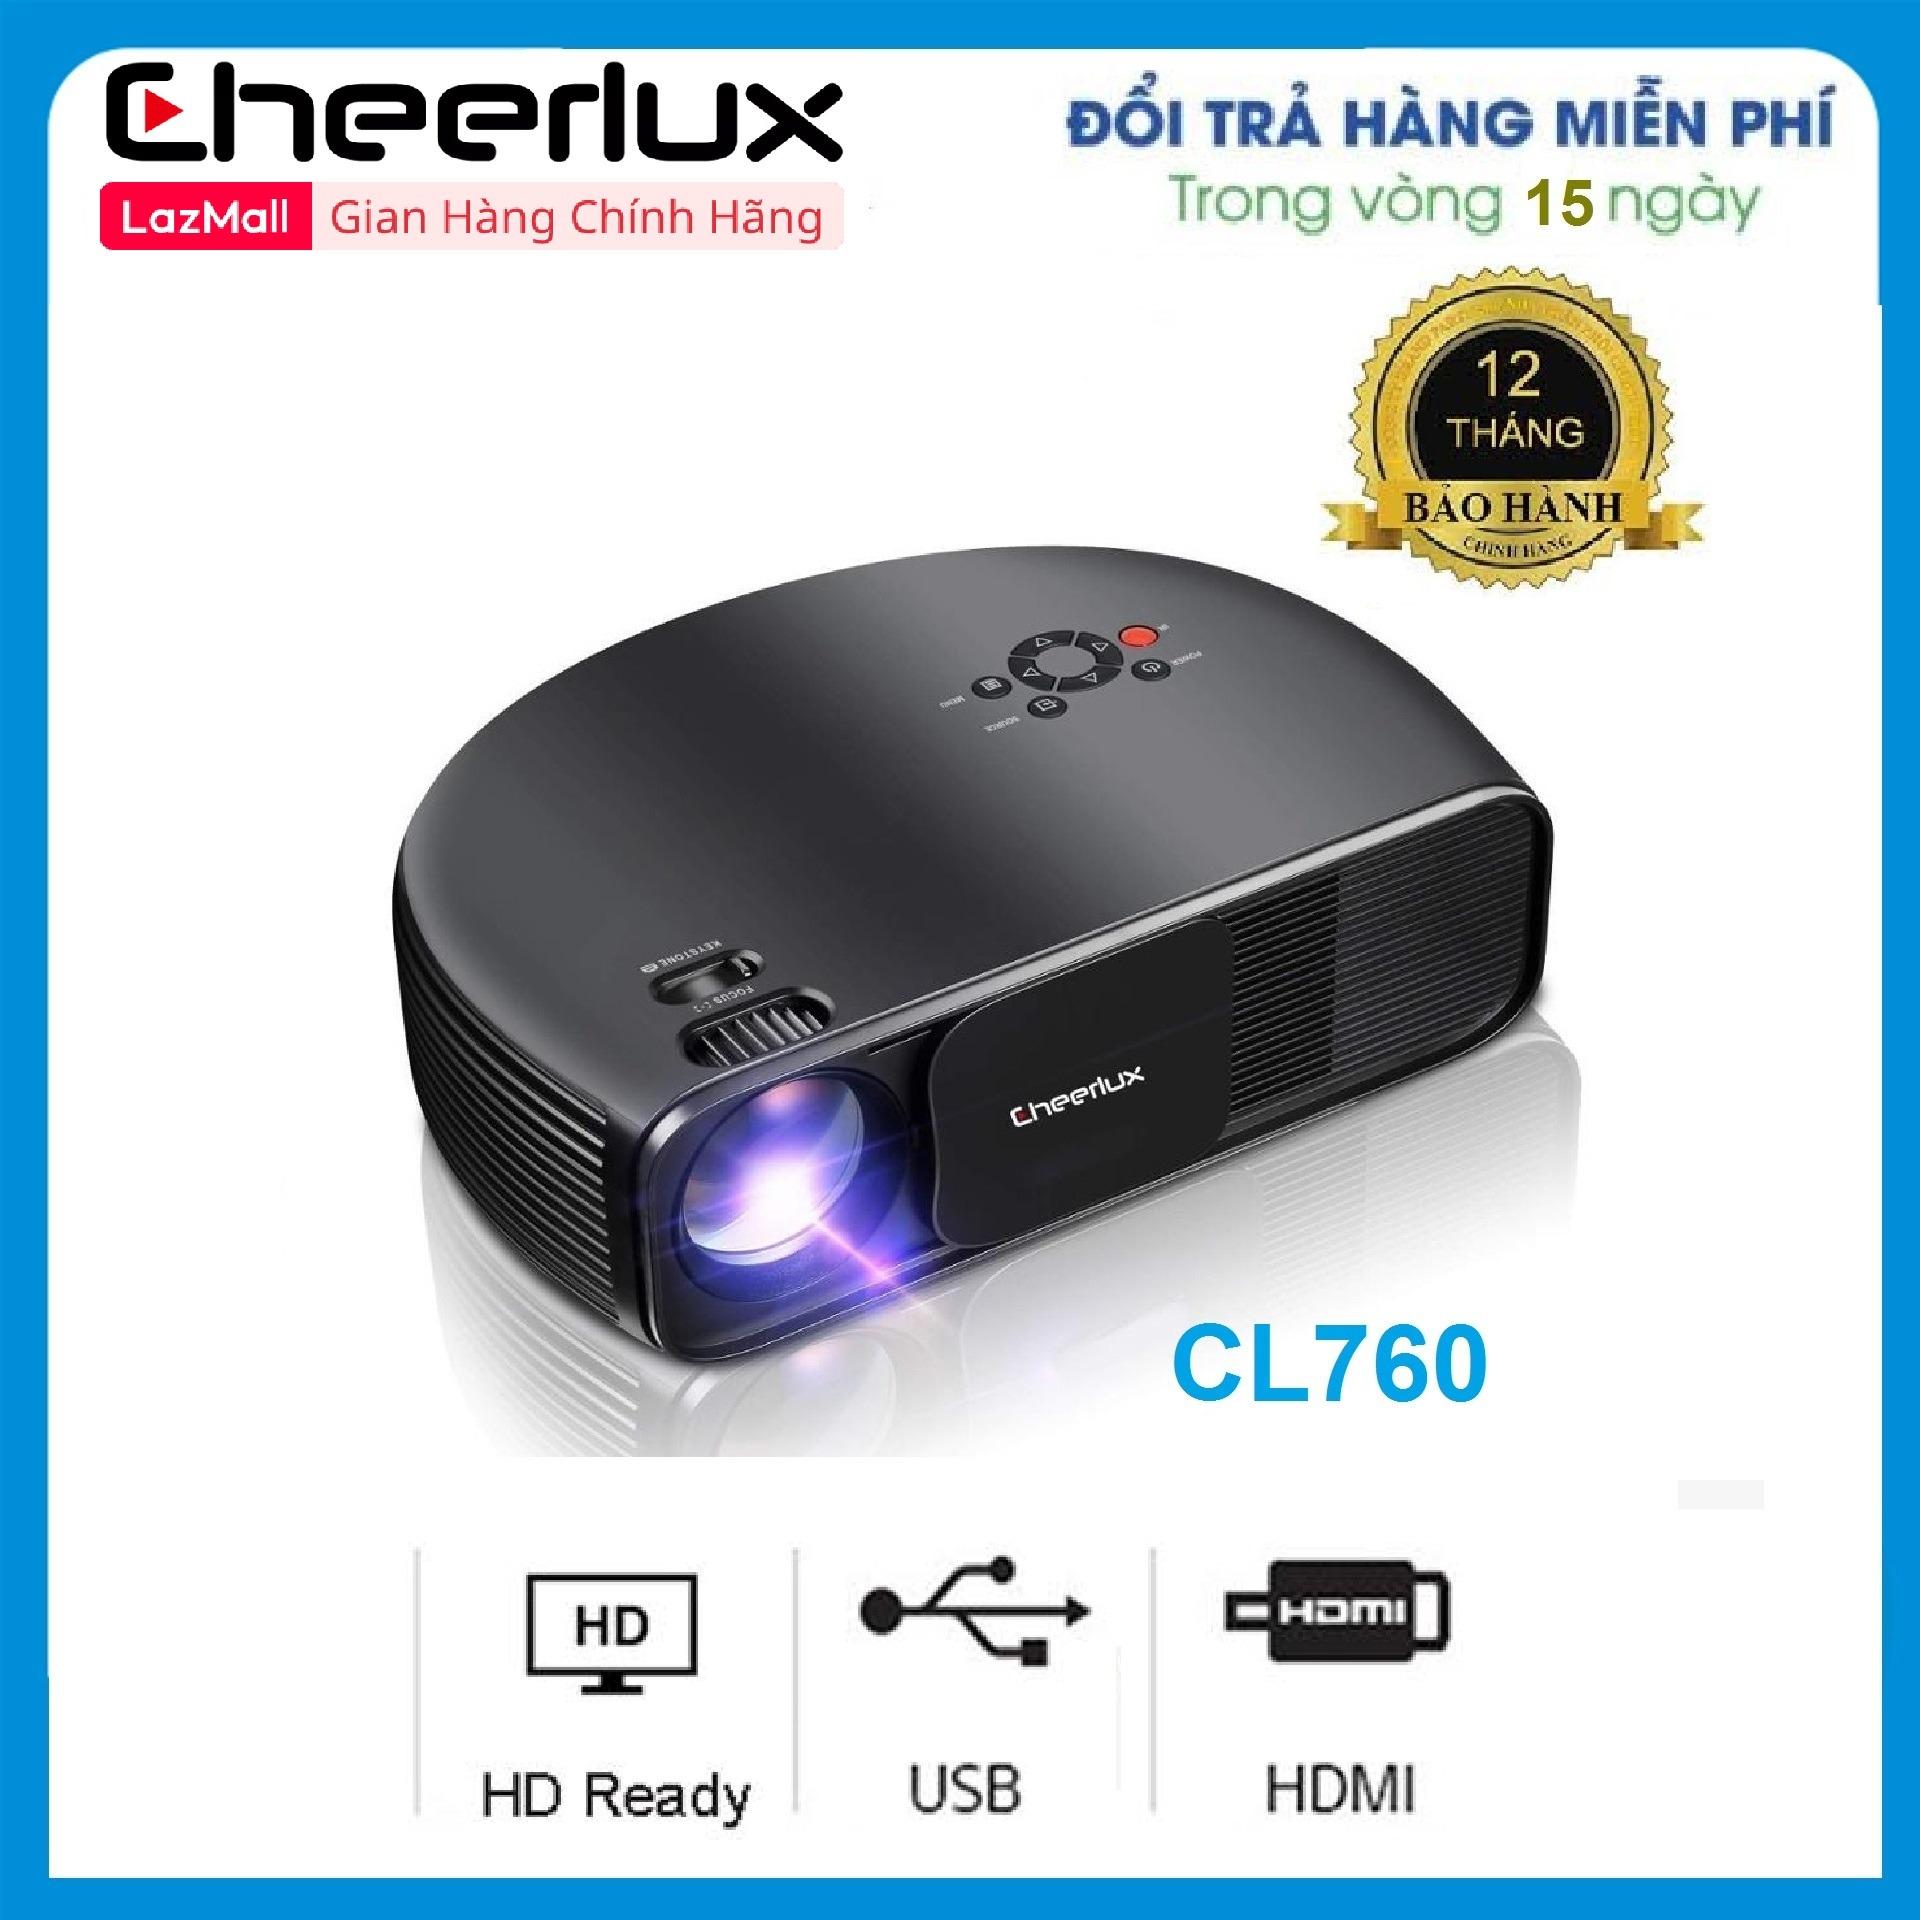 Máy Chiếu Cheerlux Cl760 Projector 1280x800, Hỗ Trợ Full HD 1080p, Công Suất Bóng Led 150W, 3600 Lumens Sáng Rõ, Chức Năng Zoom In Out. Giá Cực Cool